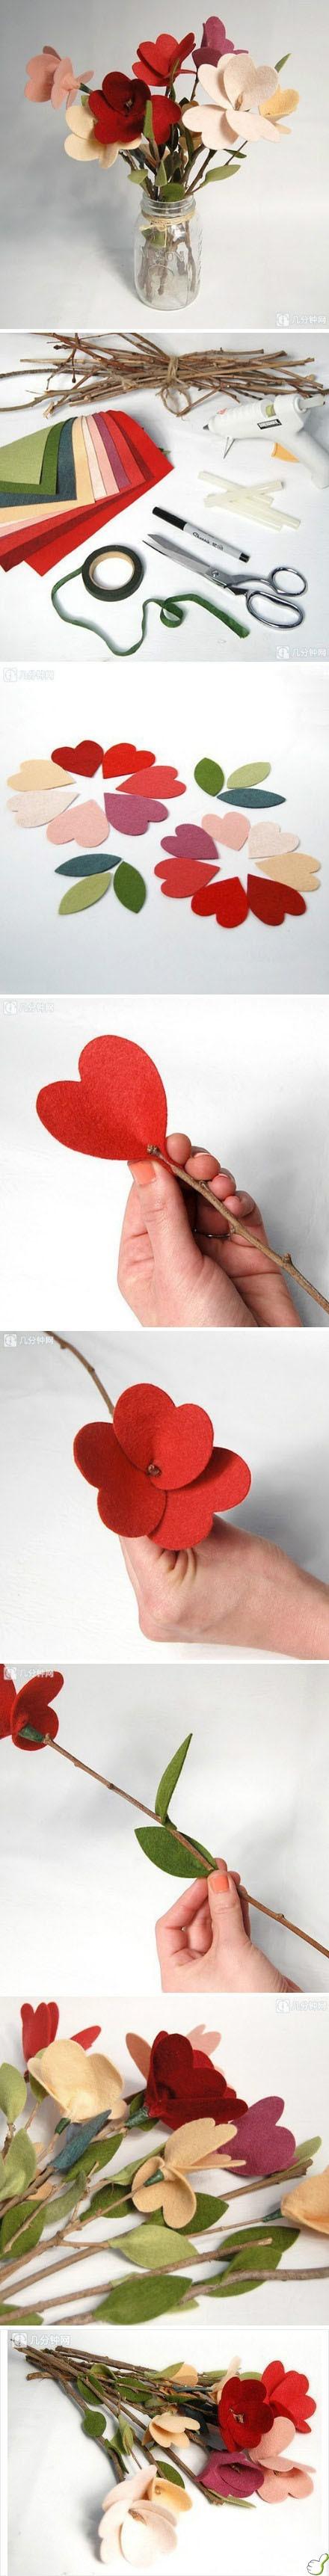 Modular-Heart-Flower_large.jpg